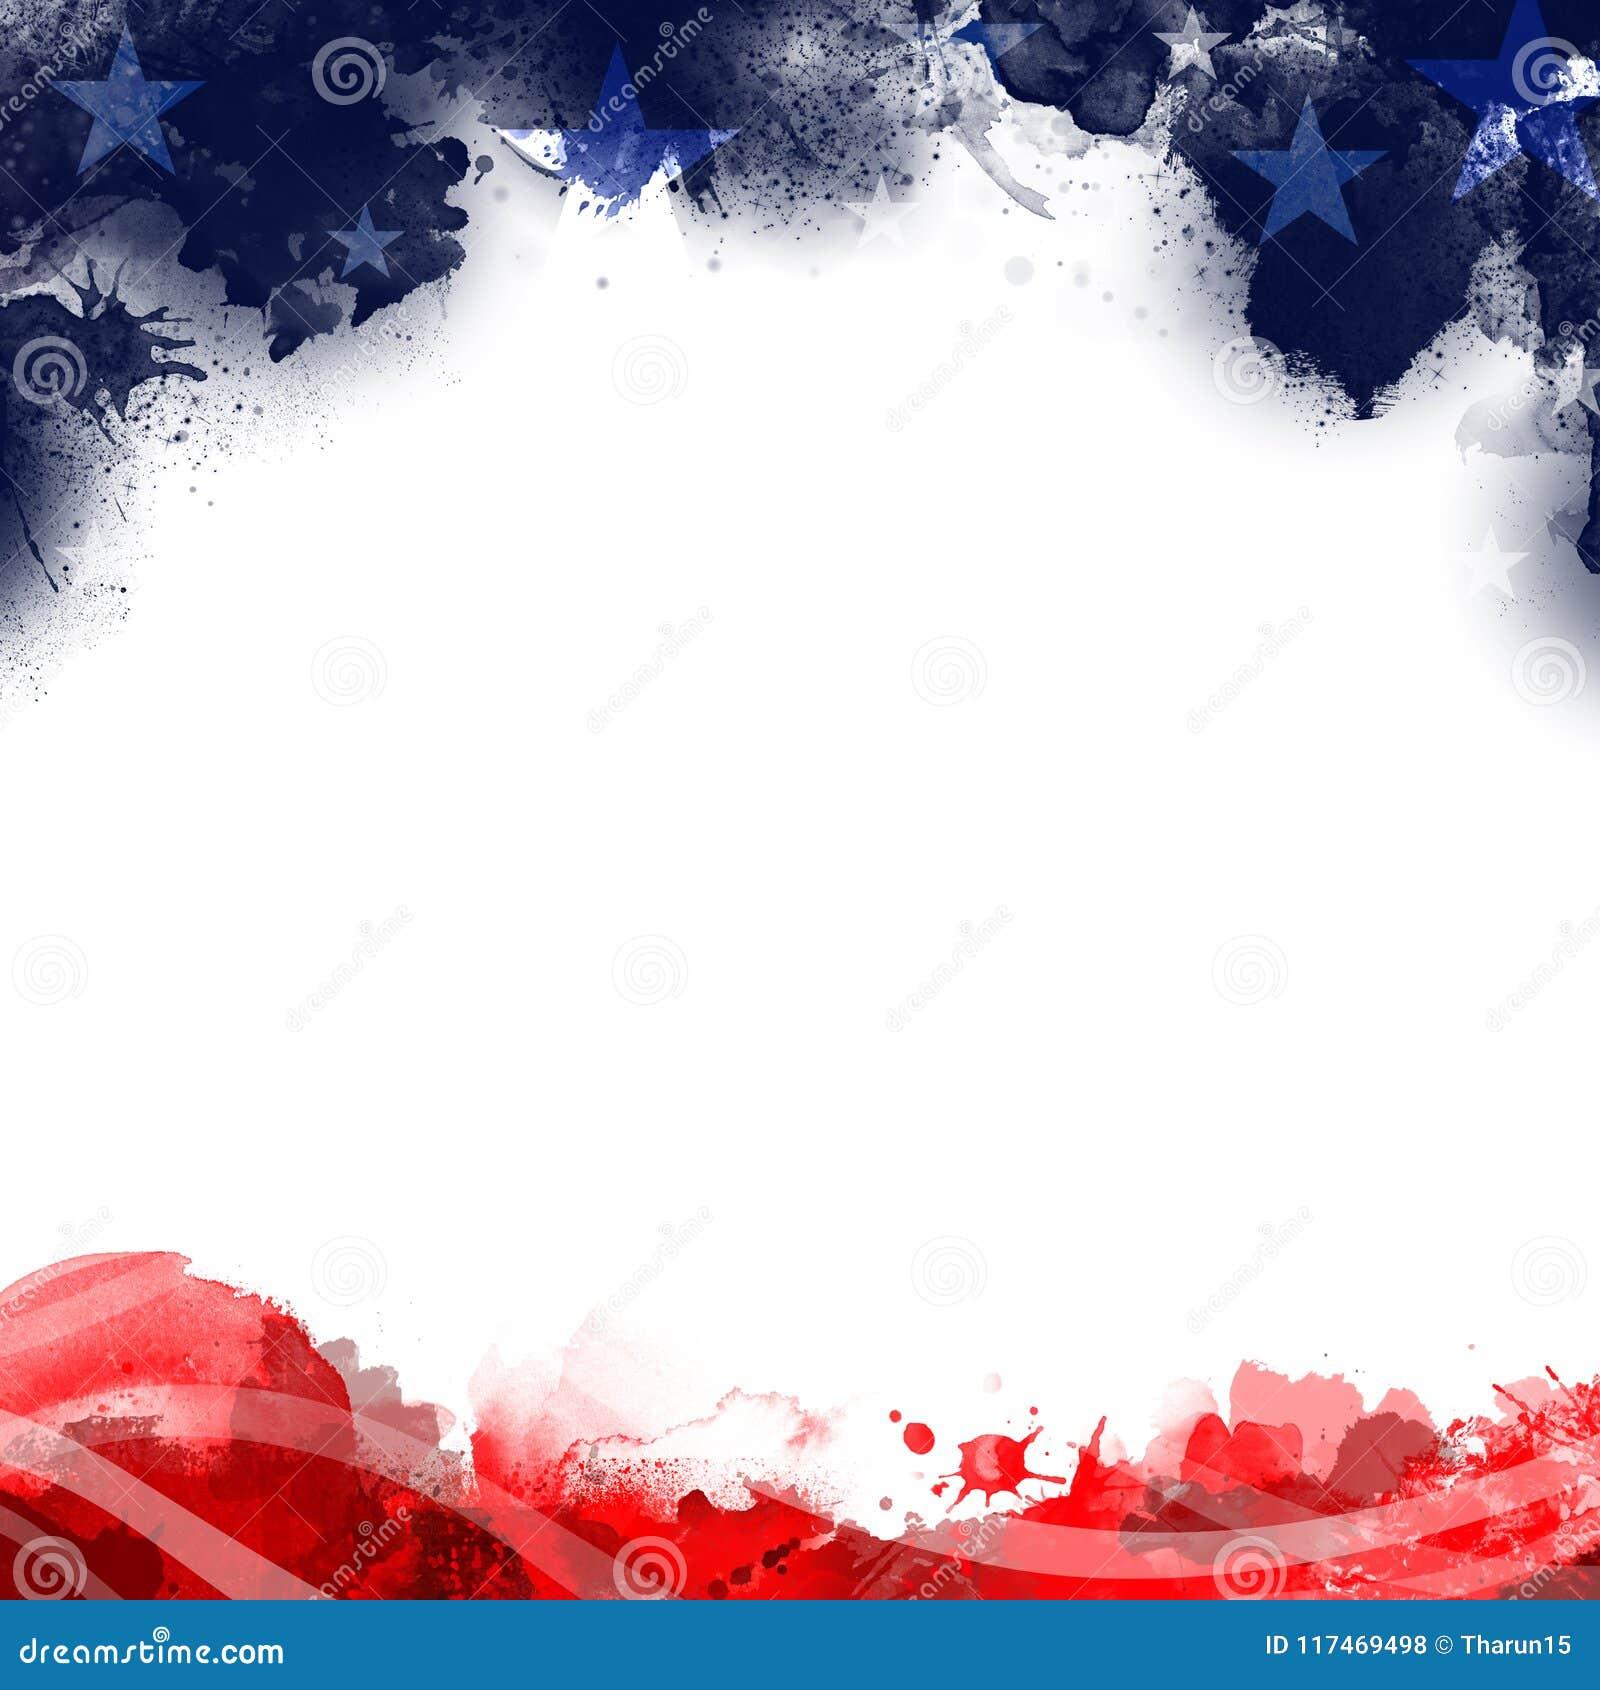 Chodnikowiec stopki ilustracja Stany Zjednoczone Patriotyczny tło w chorągwianych kolorach